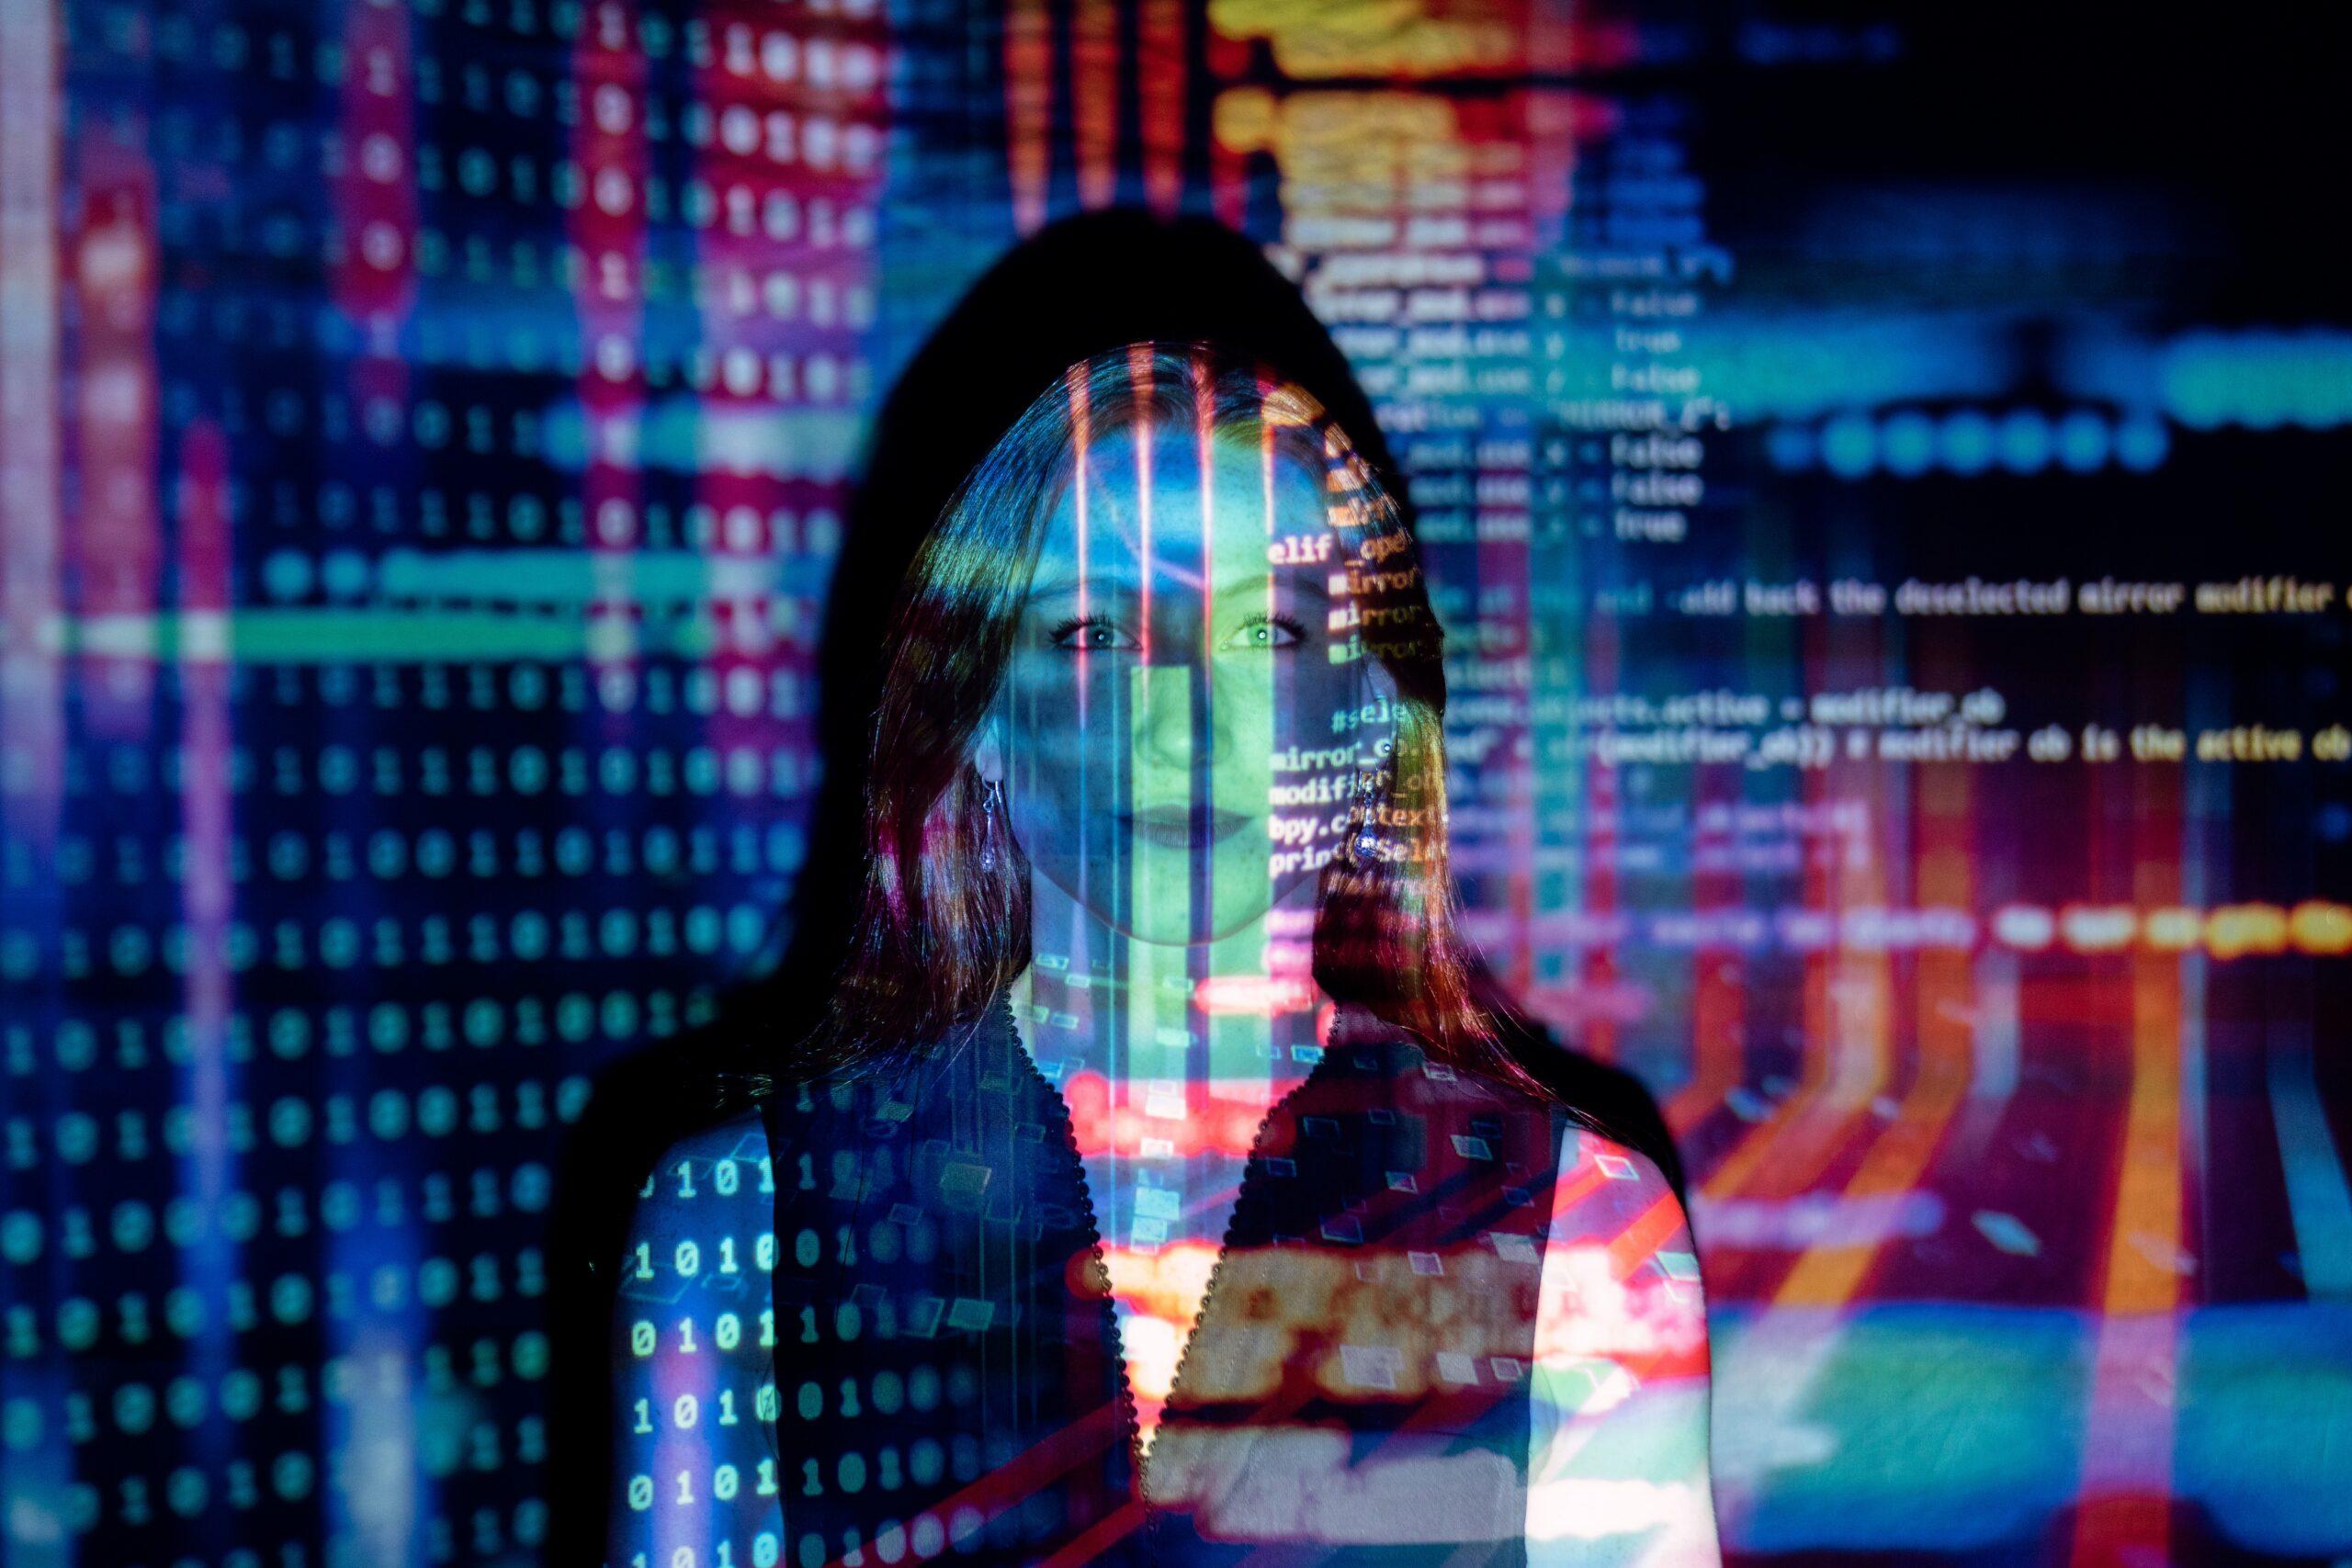 women in the tech industry